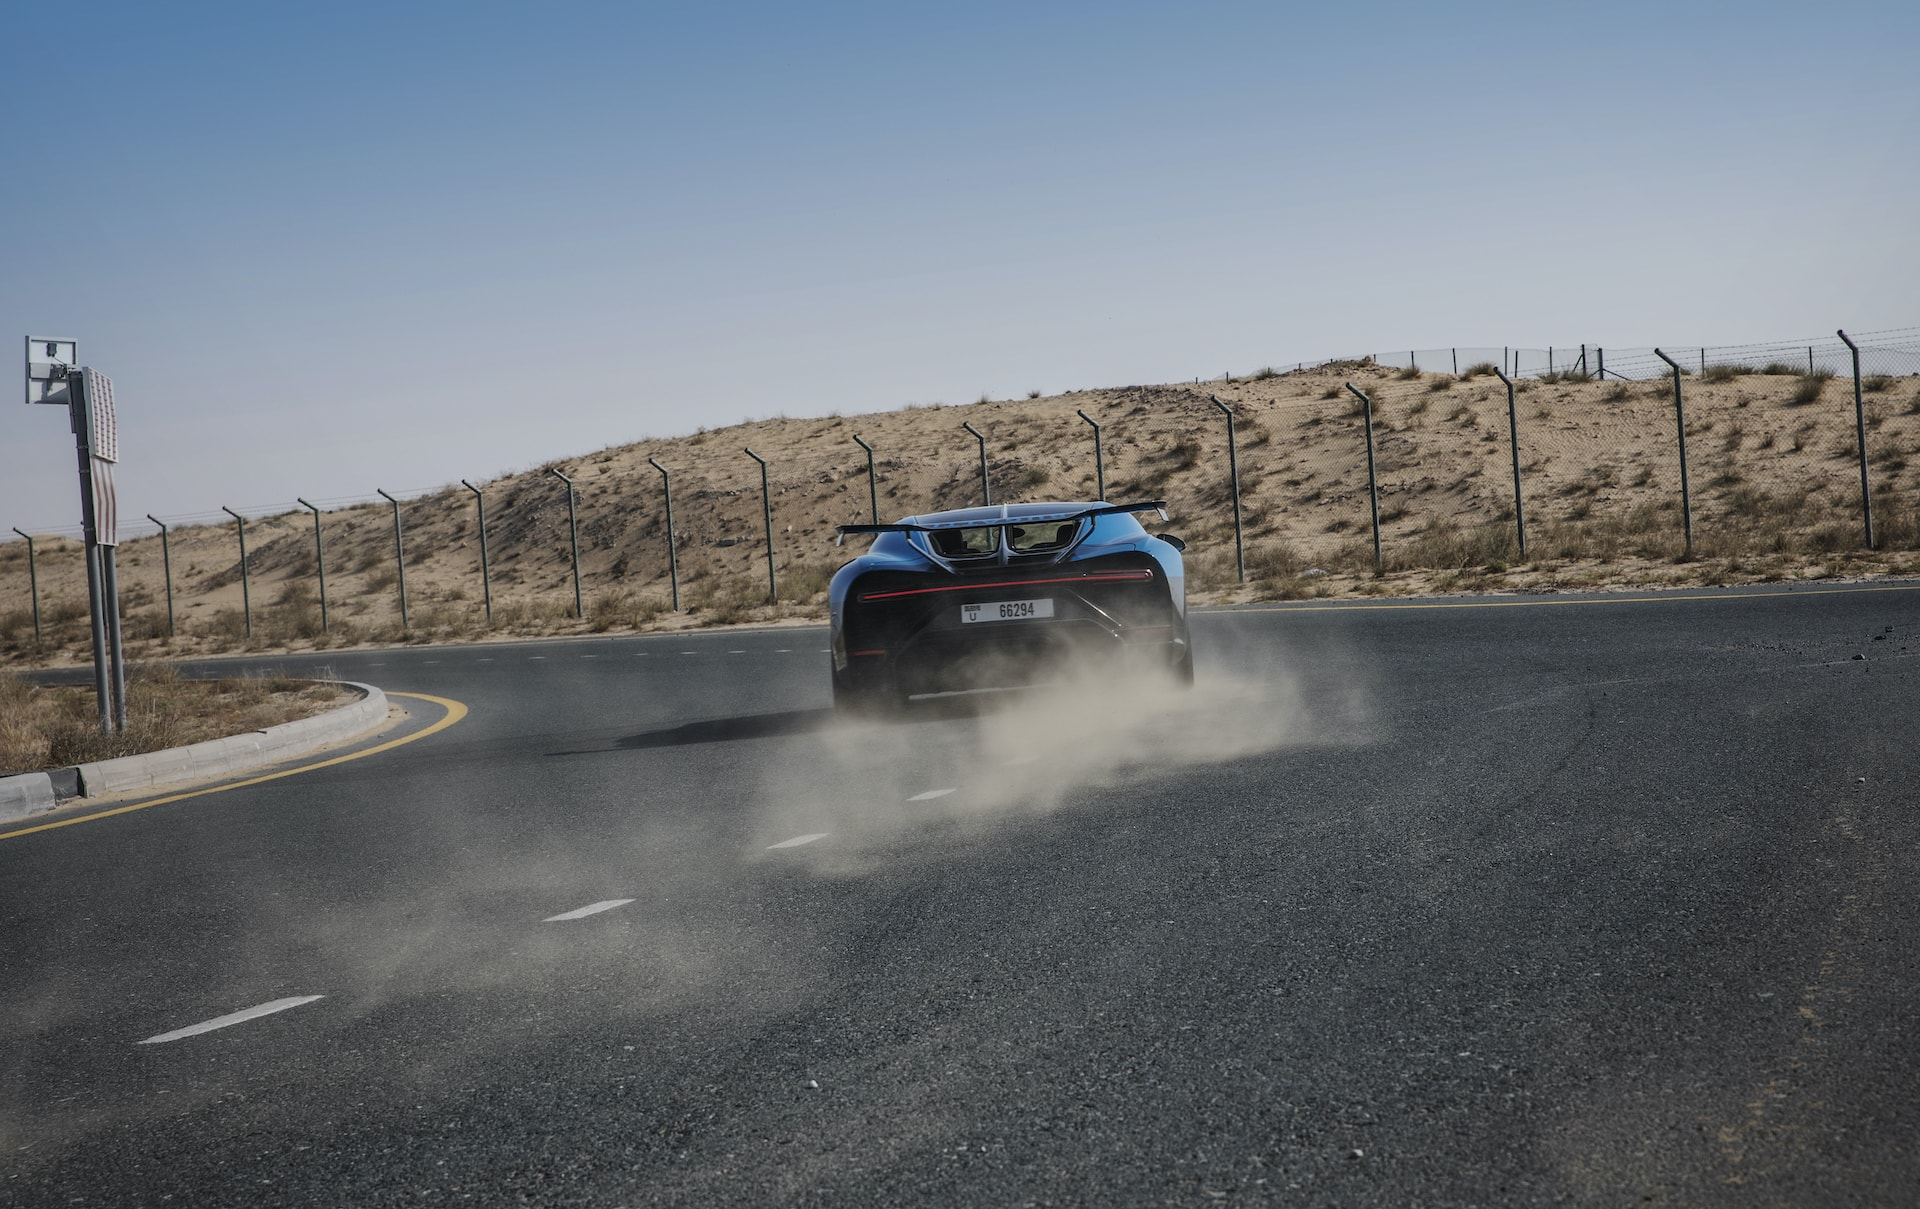 Der Bugatti Chiron Sport in Dubai: Extravaganz trifft Superlativ 3